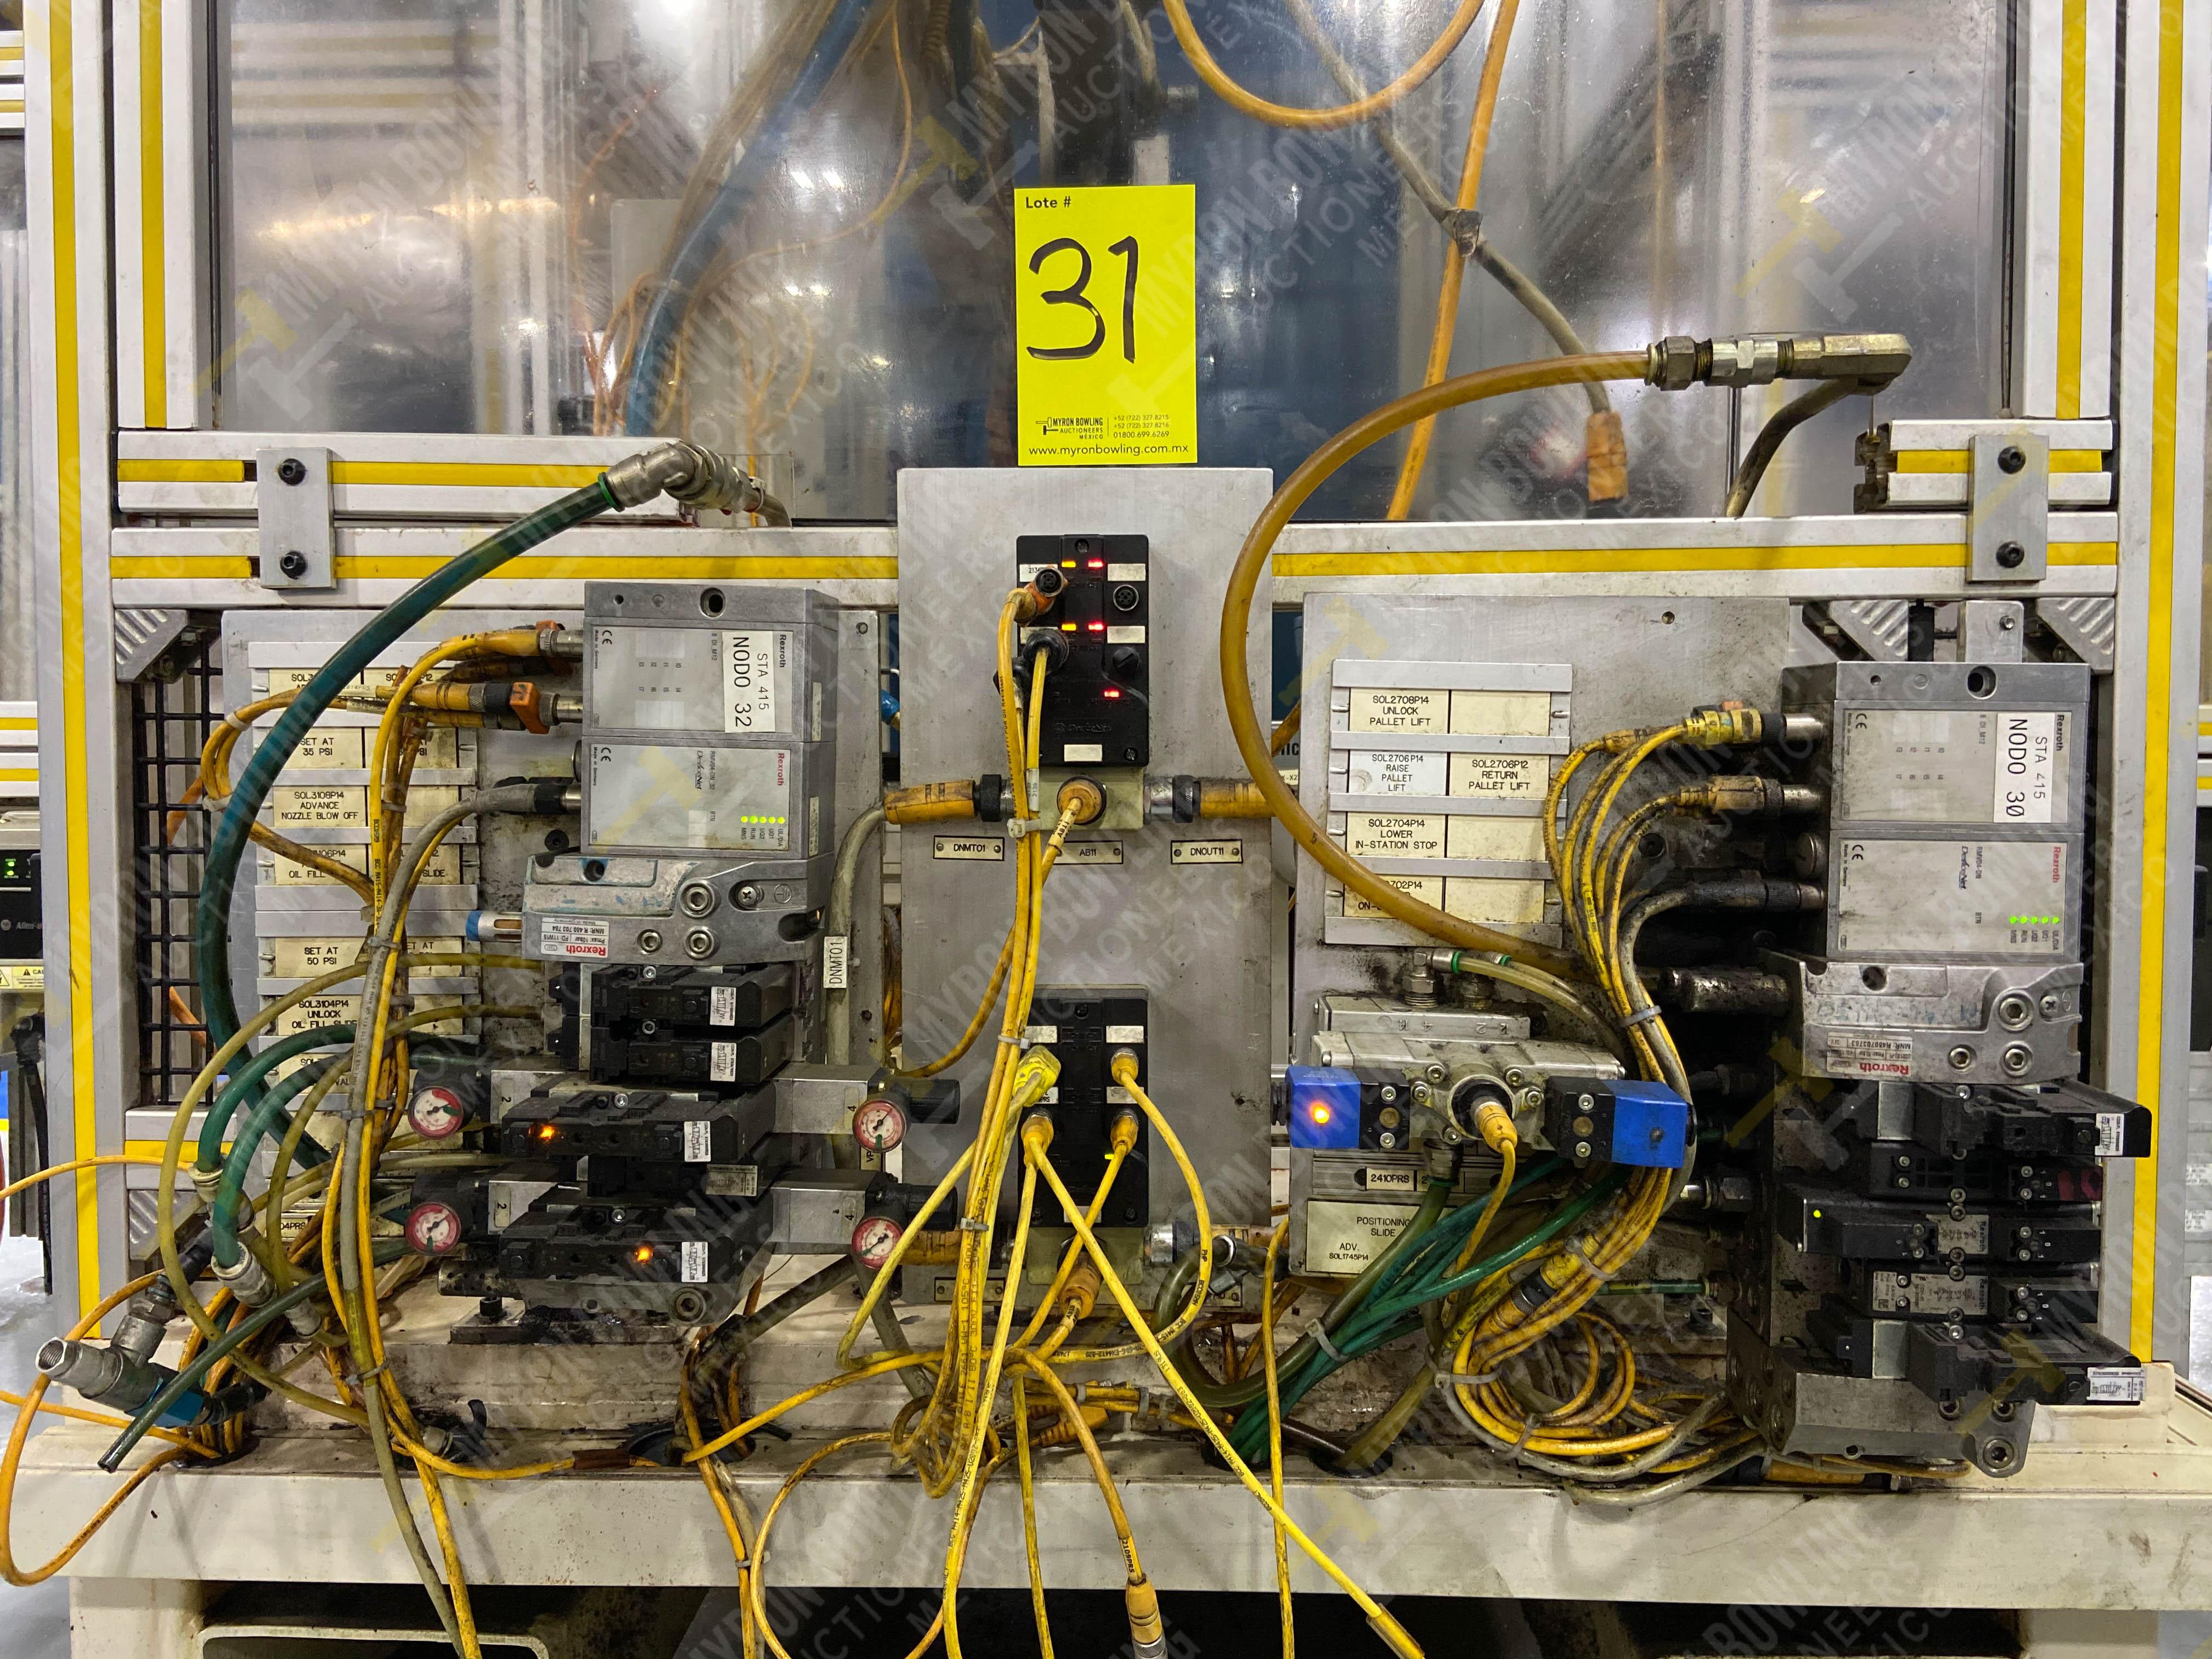 Estación semiautomática para operación 416, contiene: Sistema de llenado de aceite - Image 15 of 20